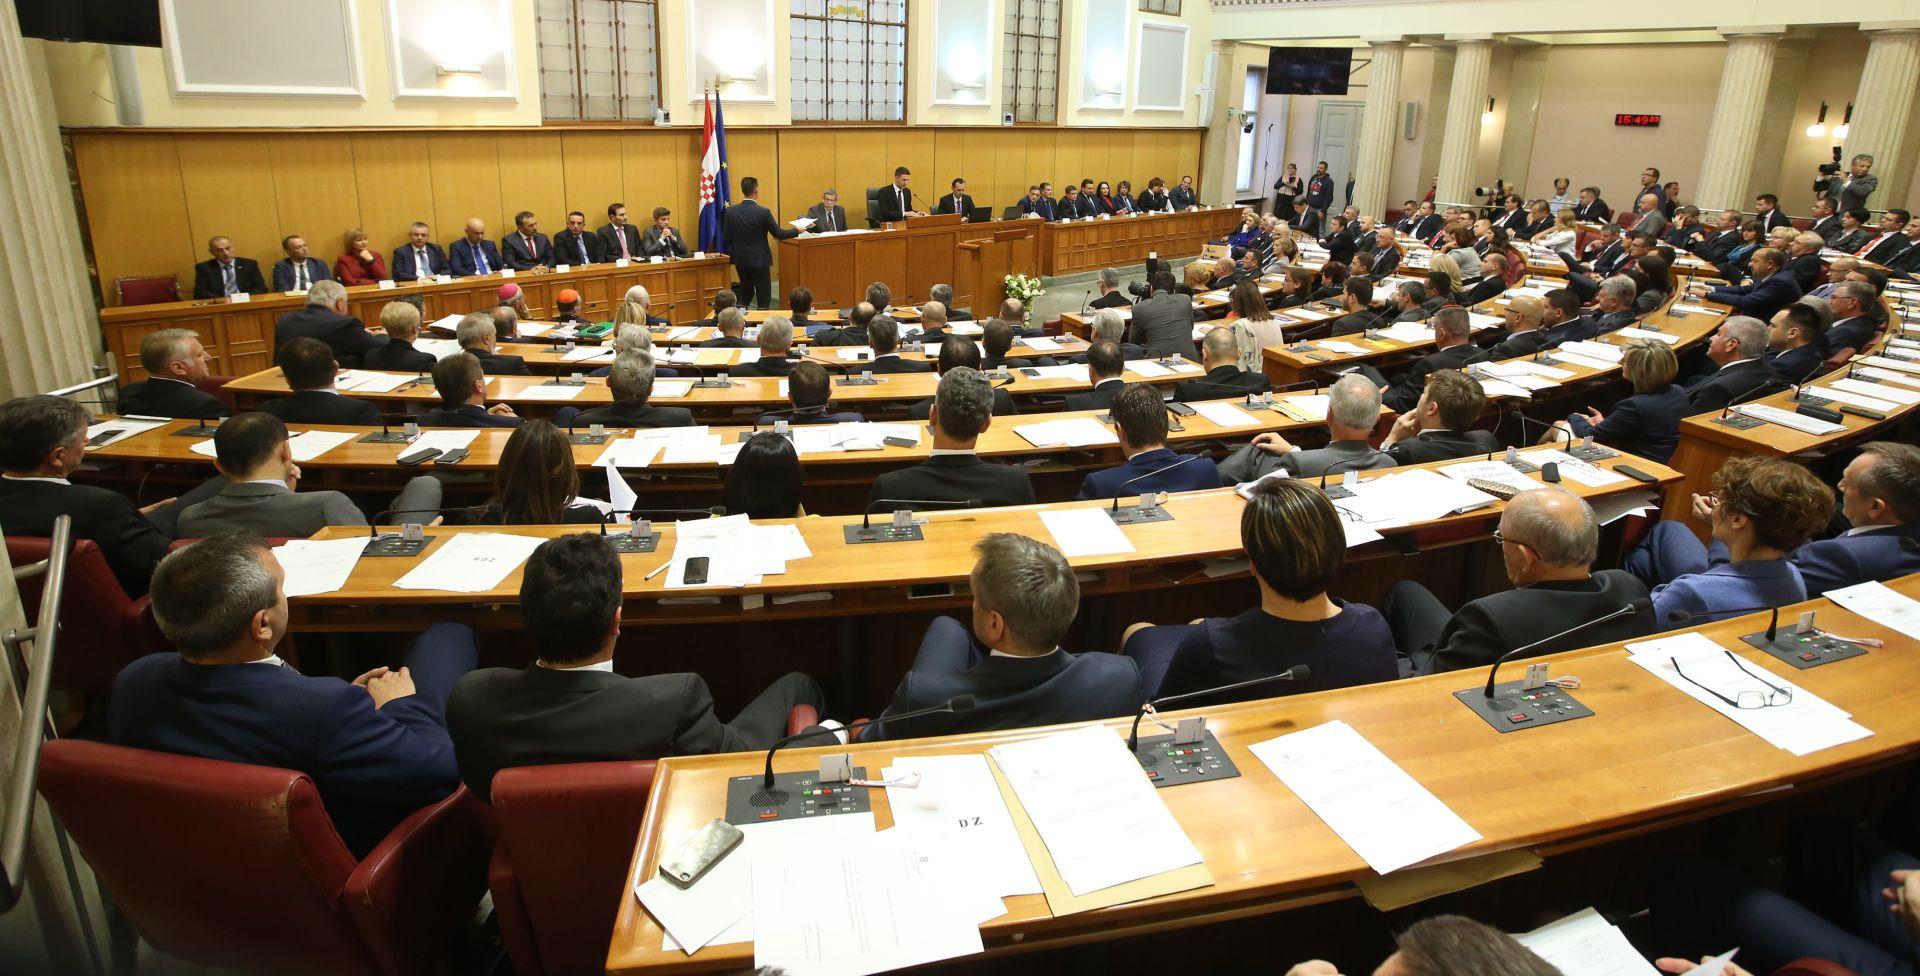 Sabor donosi zakonske izmjene za sastavljanje nove Vlade